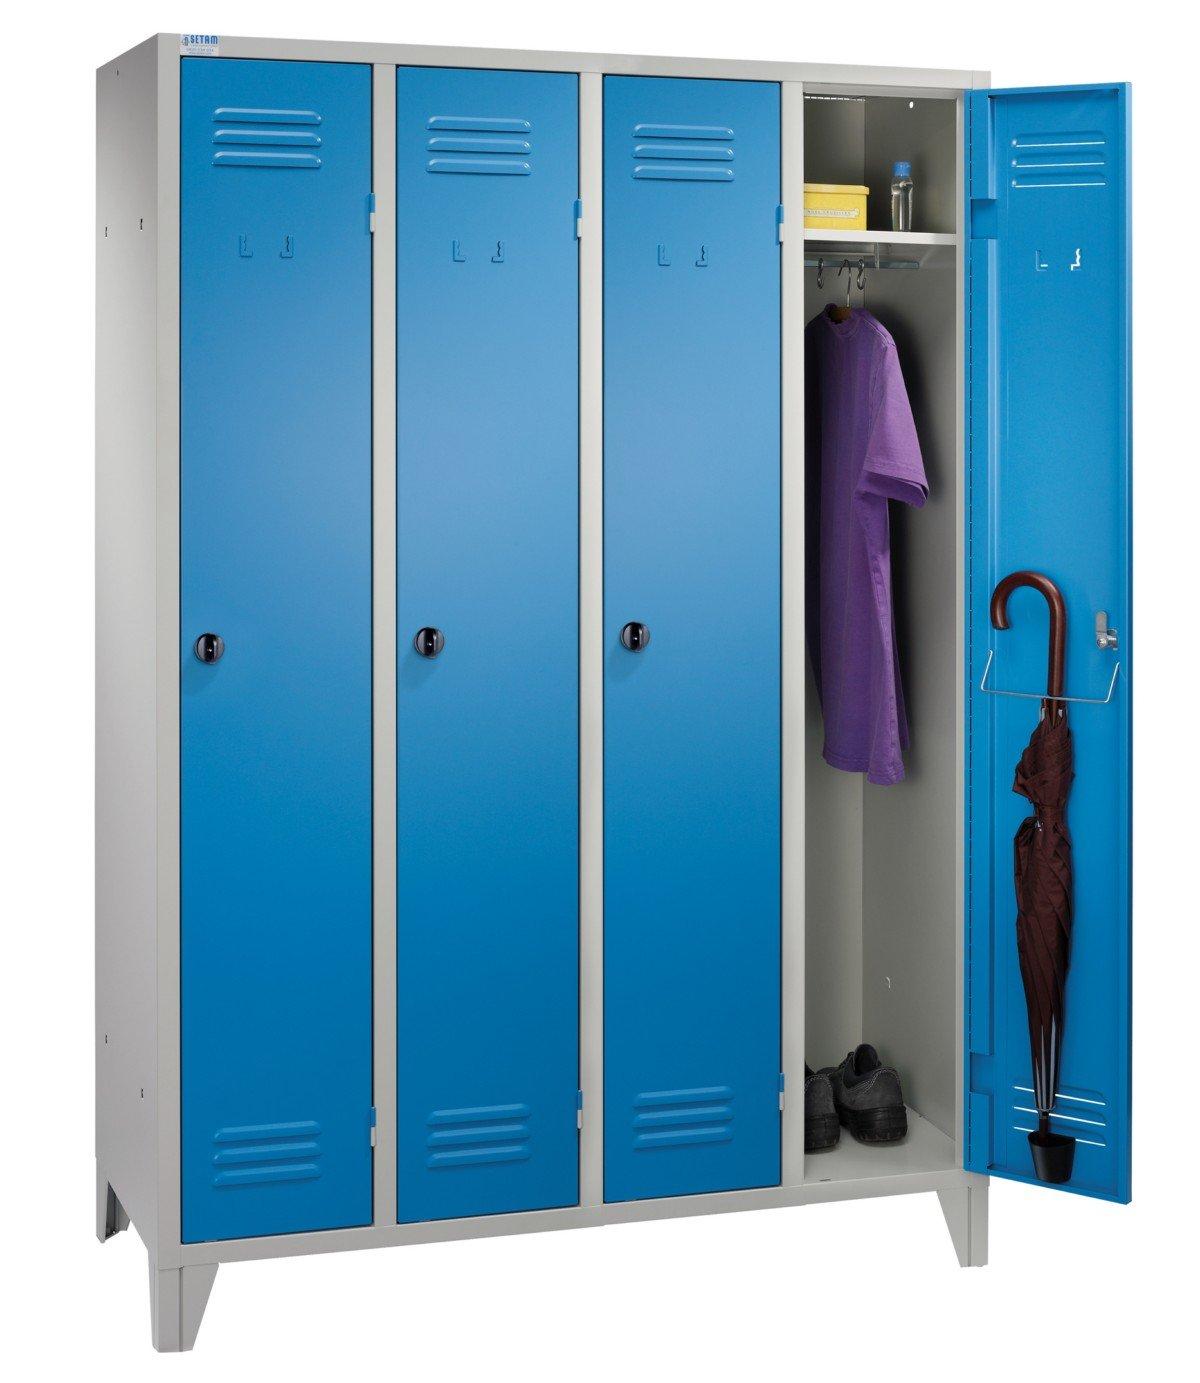 Vestiaire métallique 4 casiers IP coloris Bleu